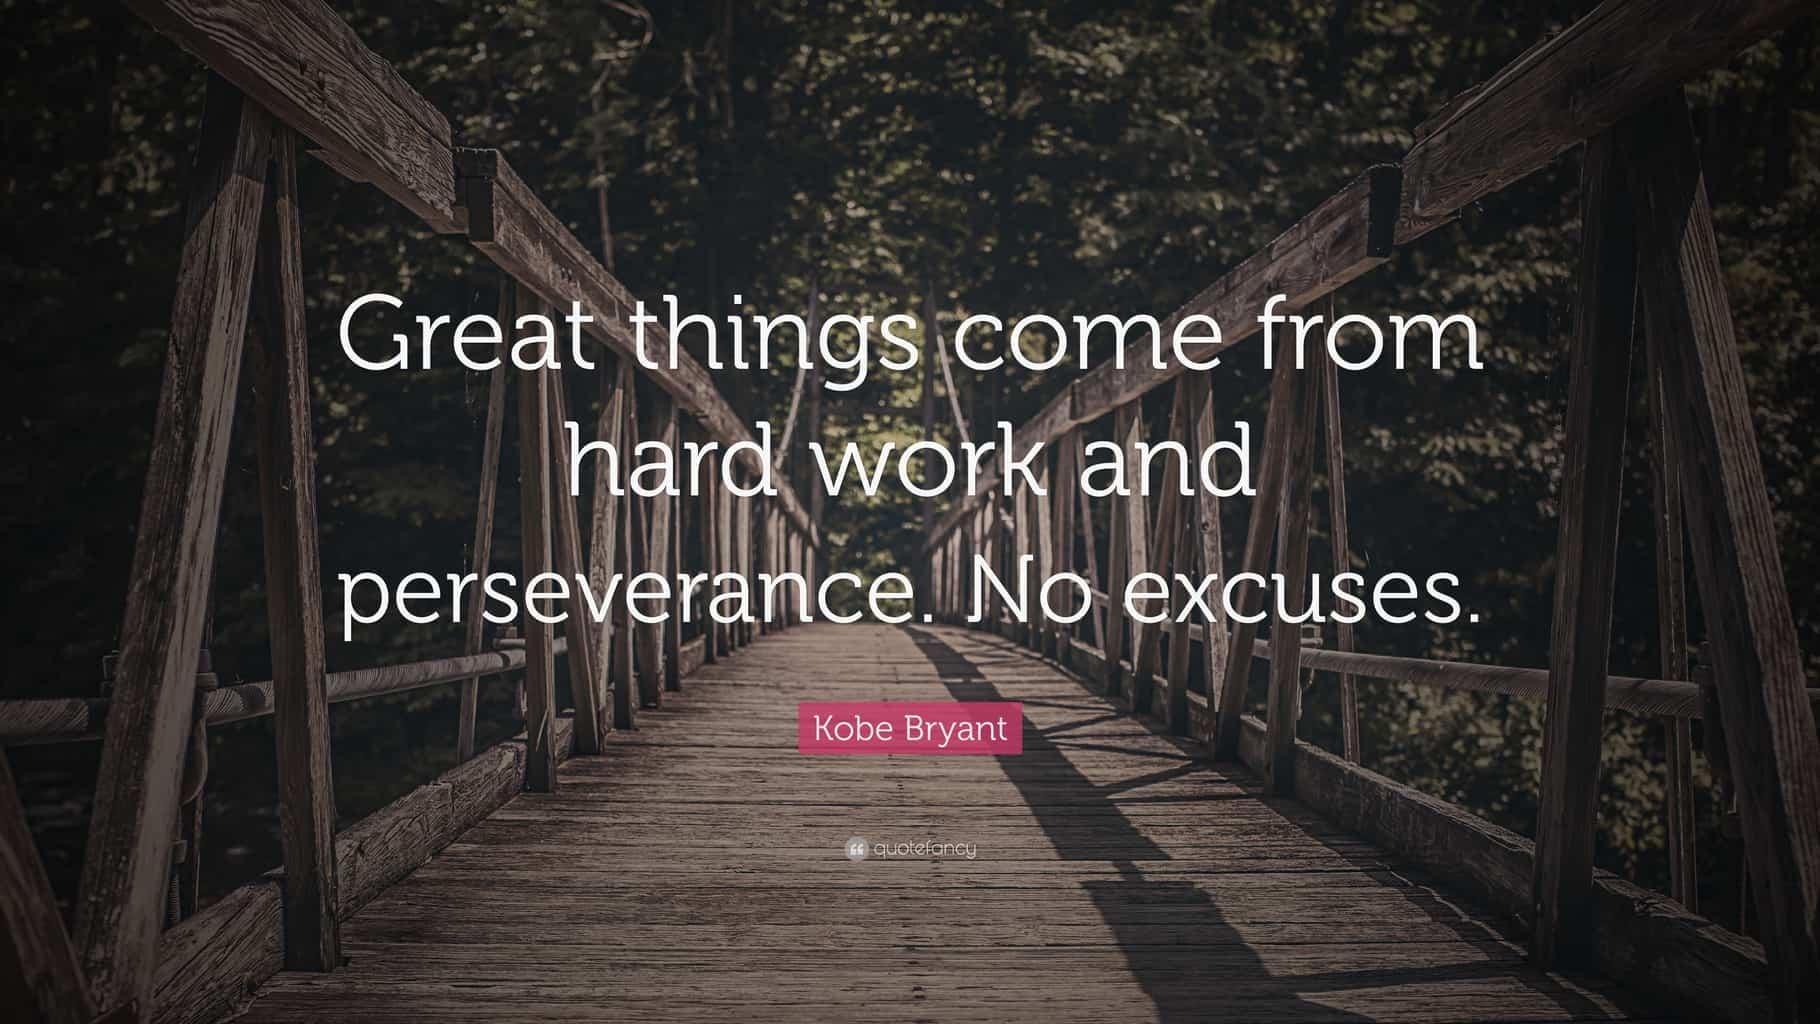 Jak założyć startup? - Wielkie rzeczy powstają w wyniku ciężkiej pracy!